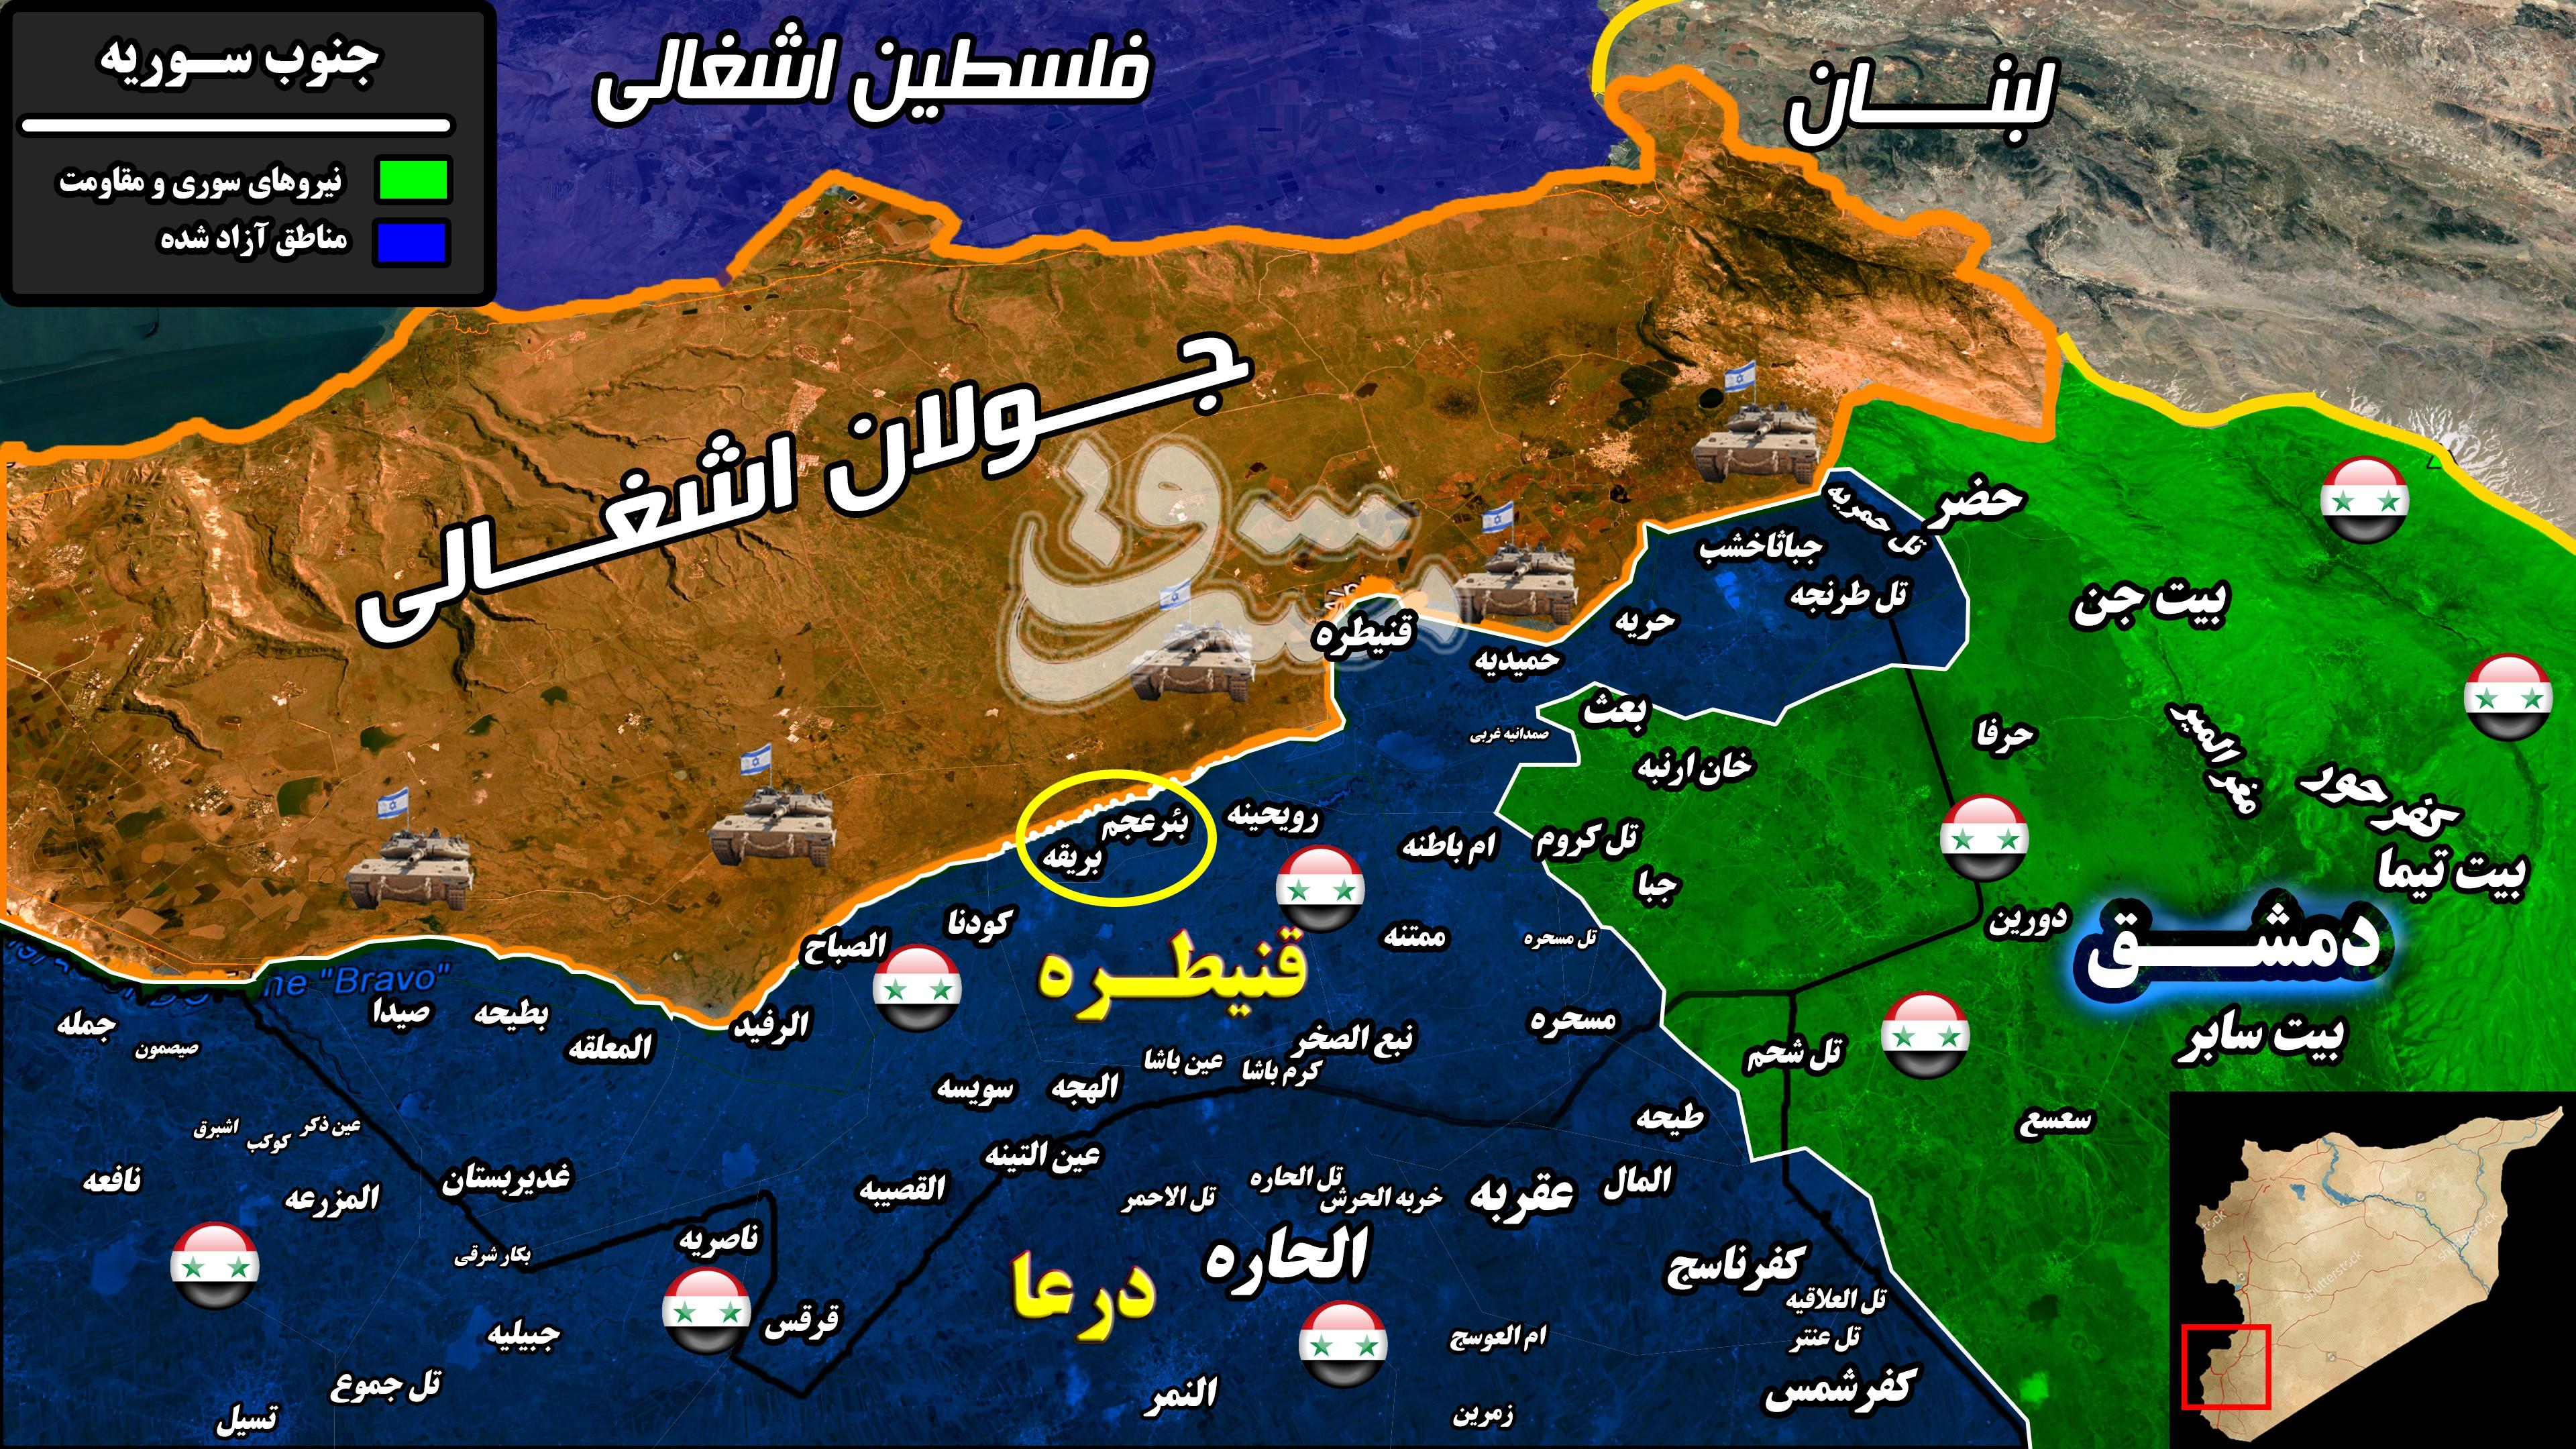 سوت پایان حضور تروریستها در استان قنیطره به صدا درآمد/ آخرین پایگاه عناصر داعش در جنوب سوریه در آستانه آزادی کامل+نقشه میدانی